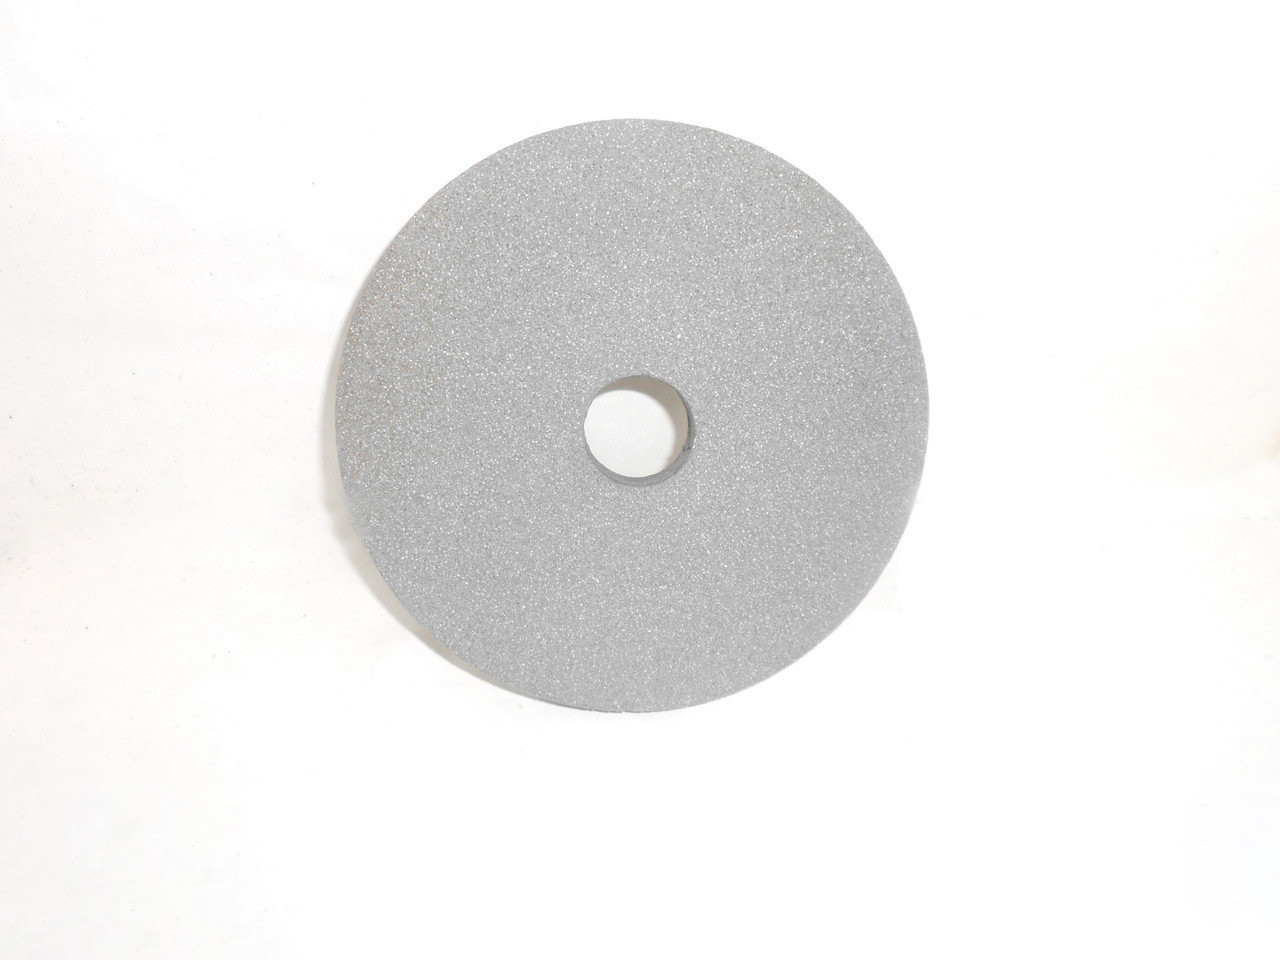 Круг шлифовальный 14А ПП 400х40х127  25-40 СМ-СТ